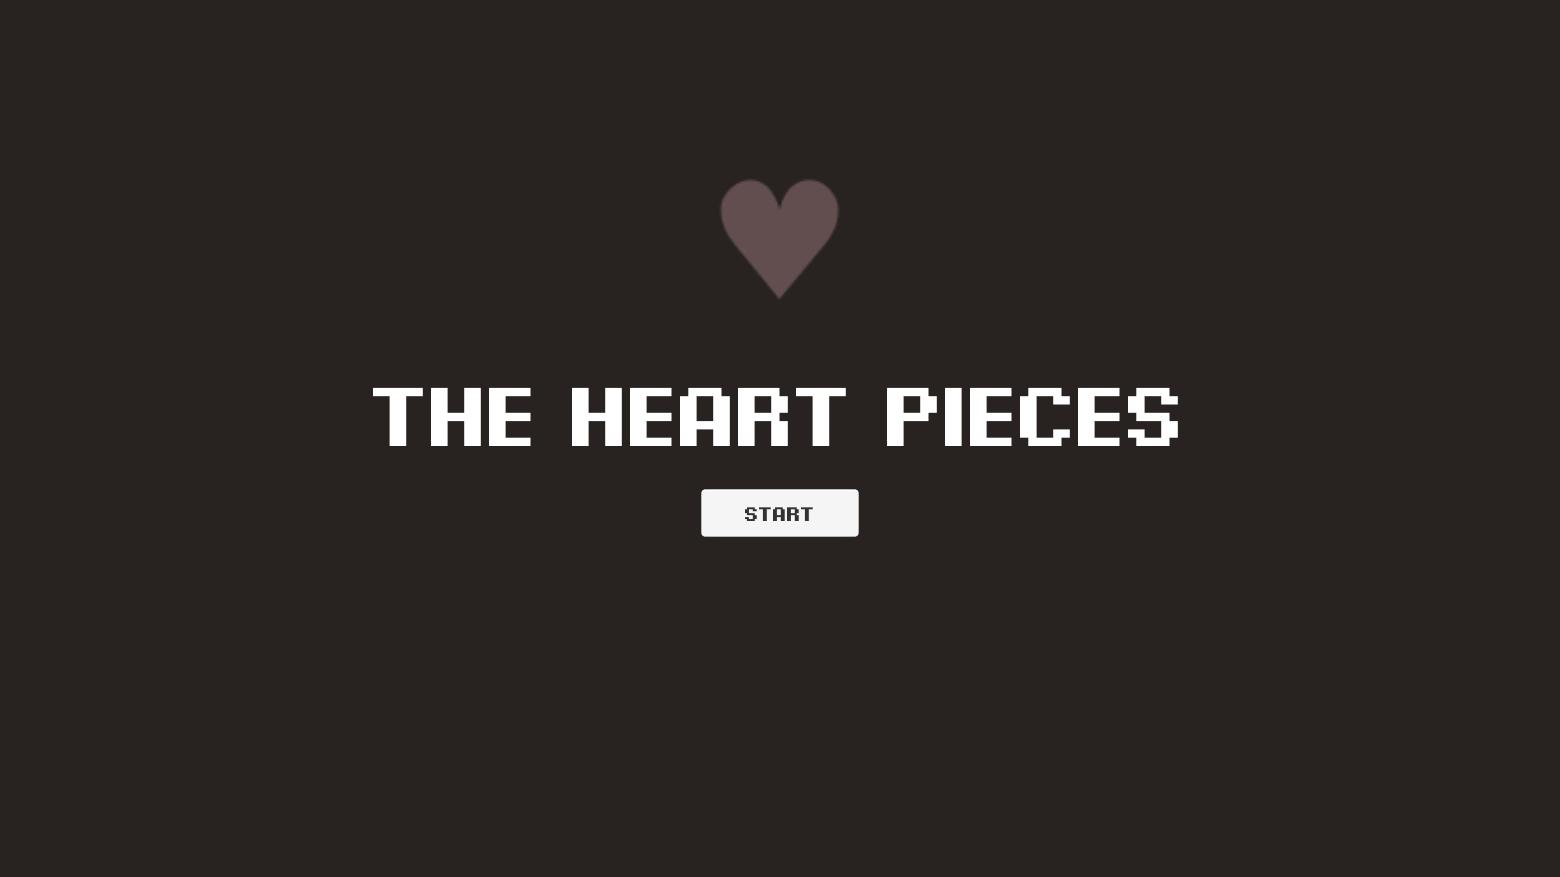 The HeartPieces